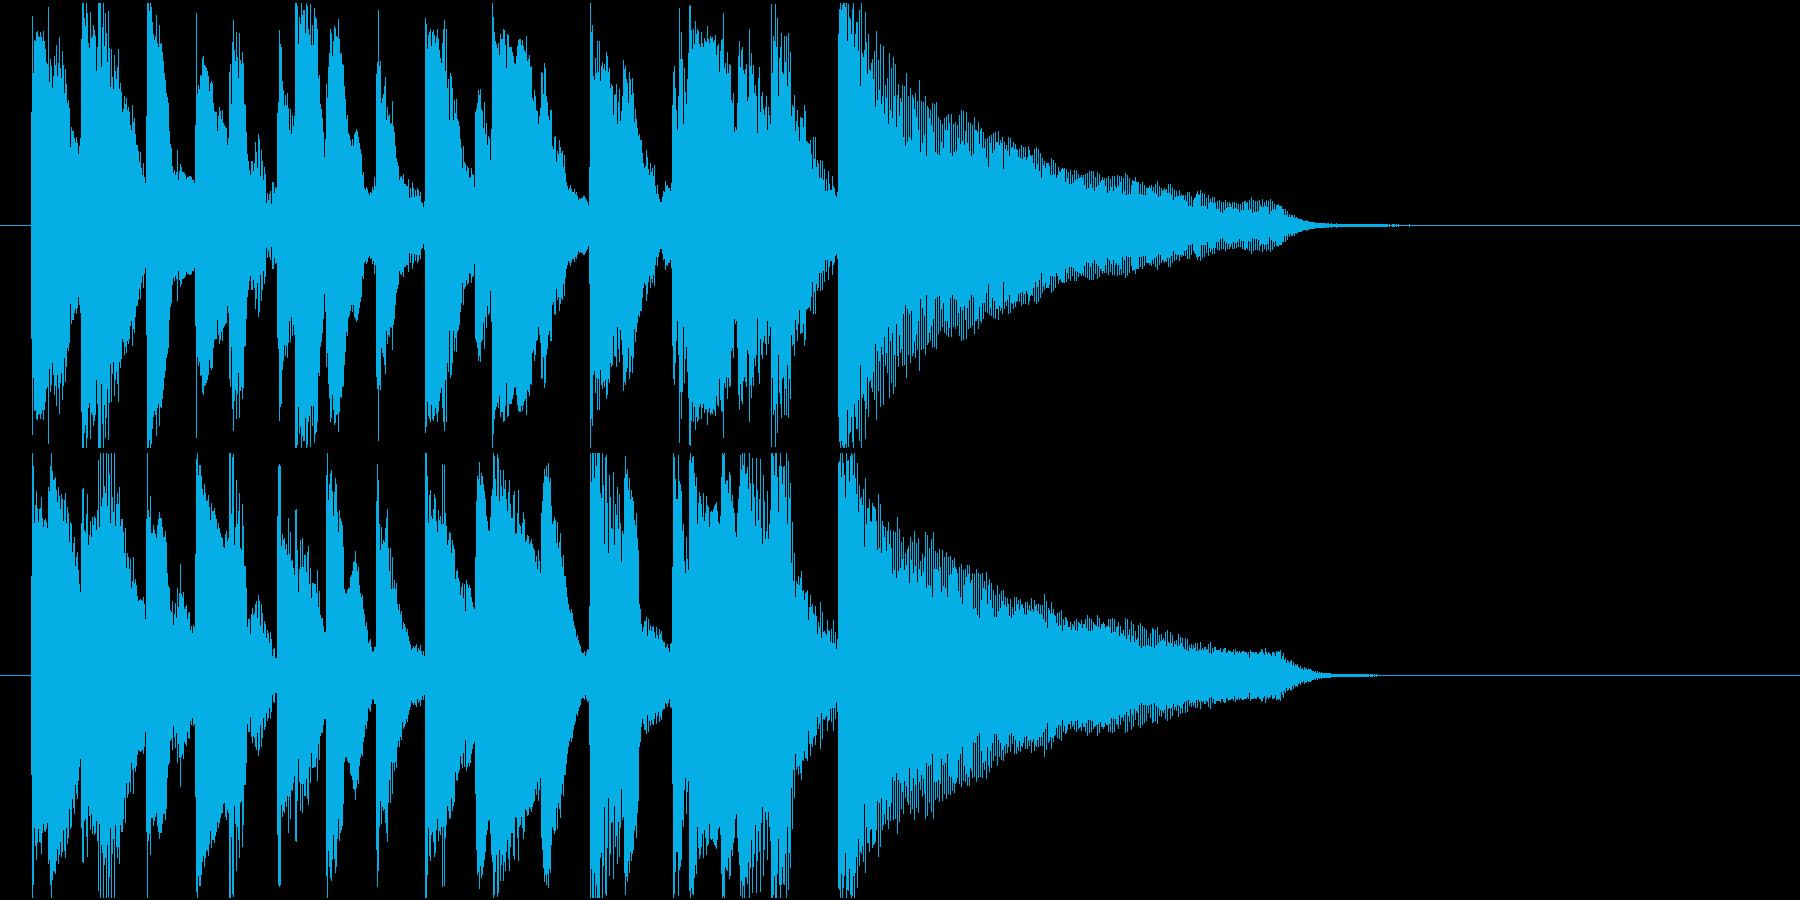 アイキャッチに使える10秒ピアノ・後半の再生済みの波形